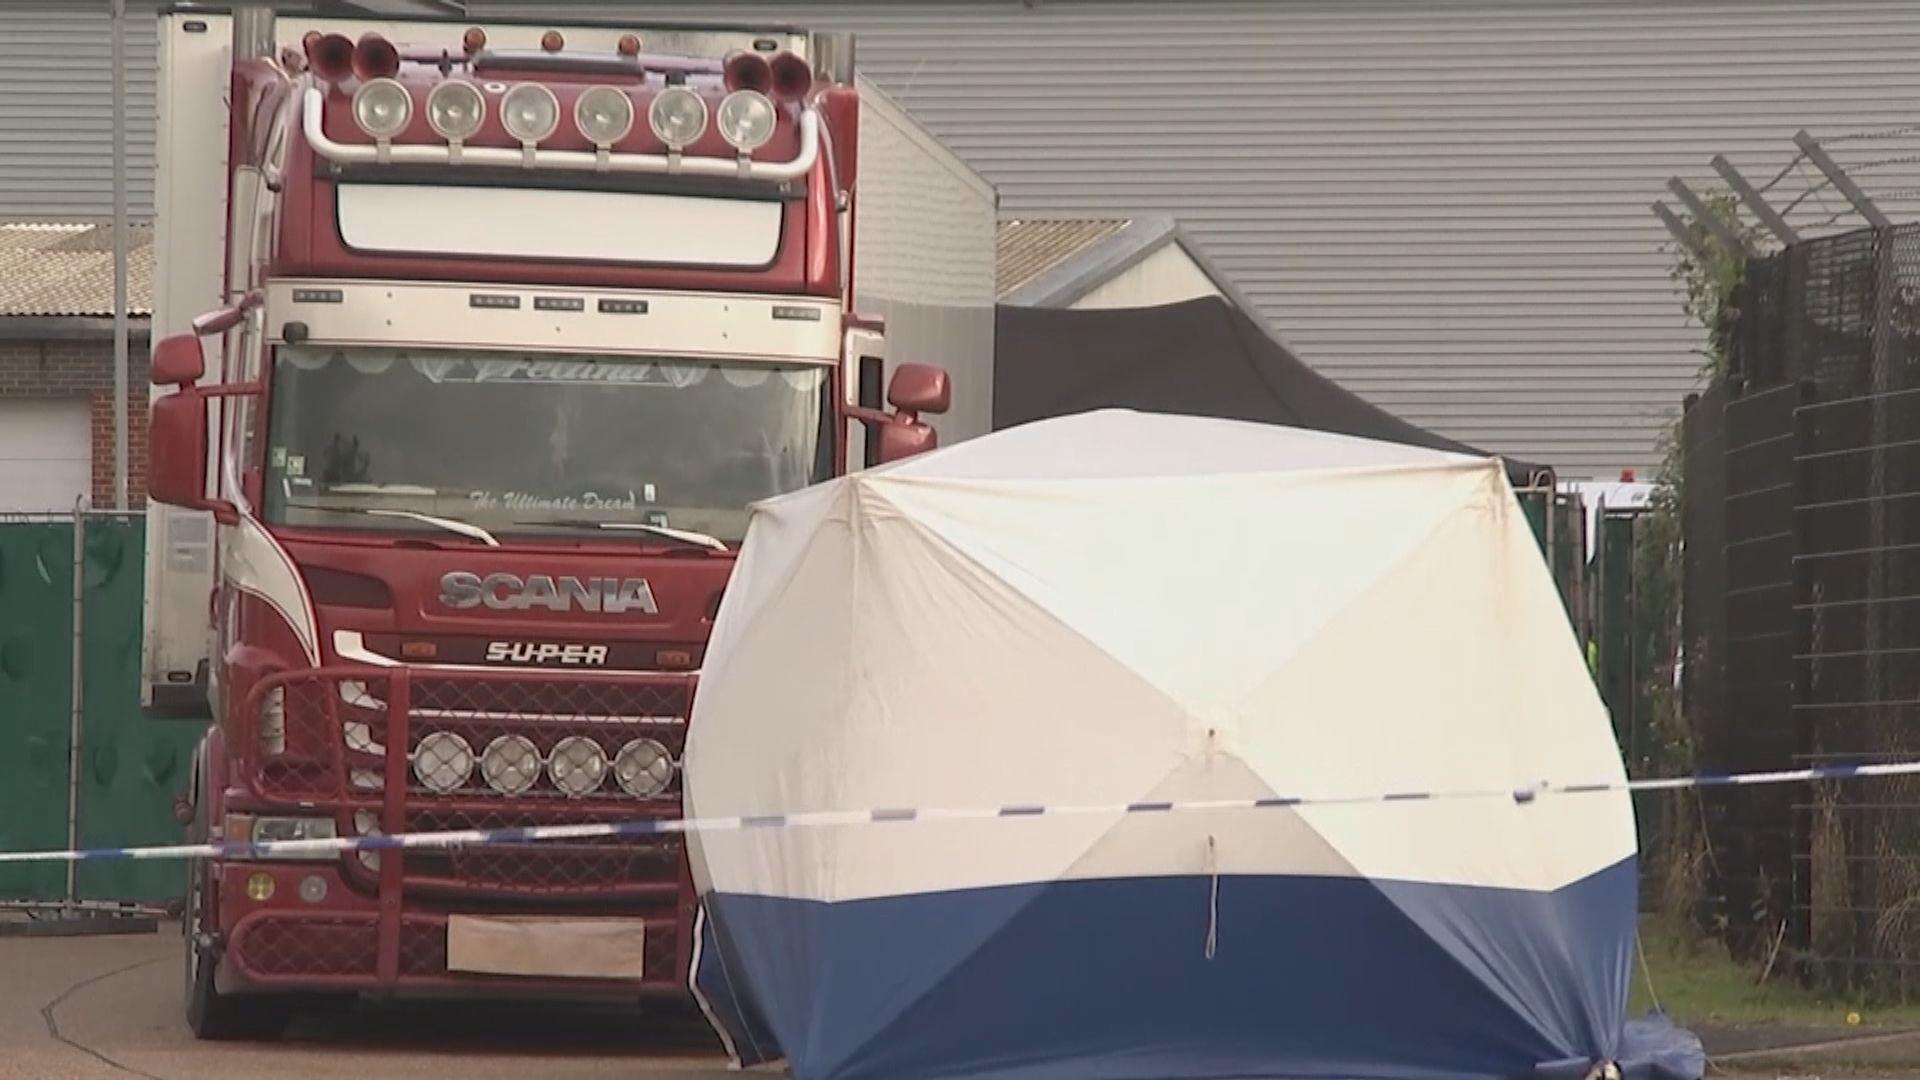 英國警方證實貨櫃車案39名死者全是越南人